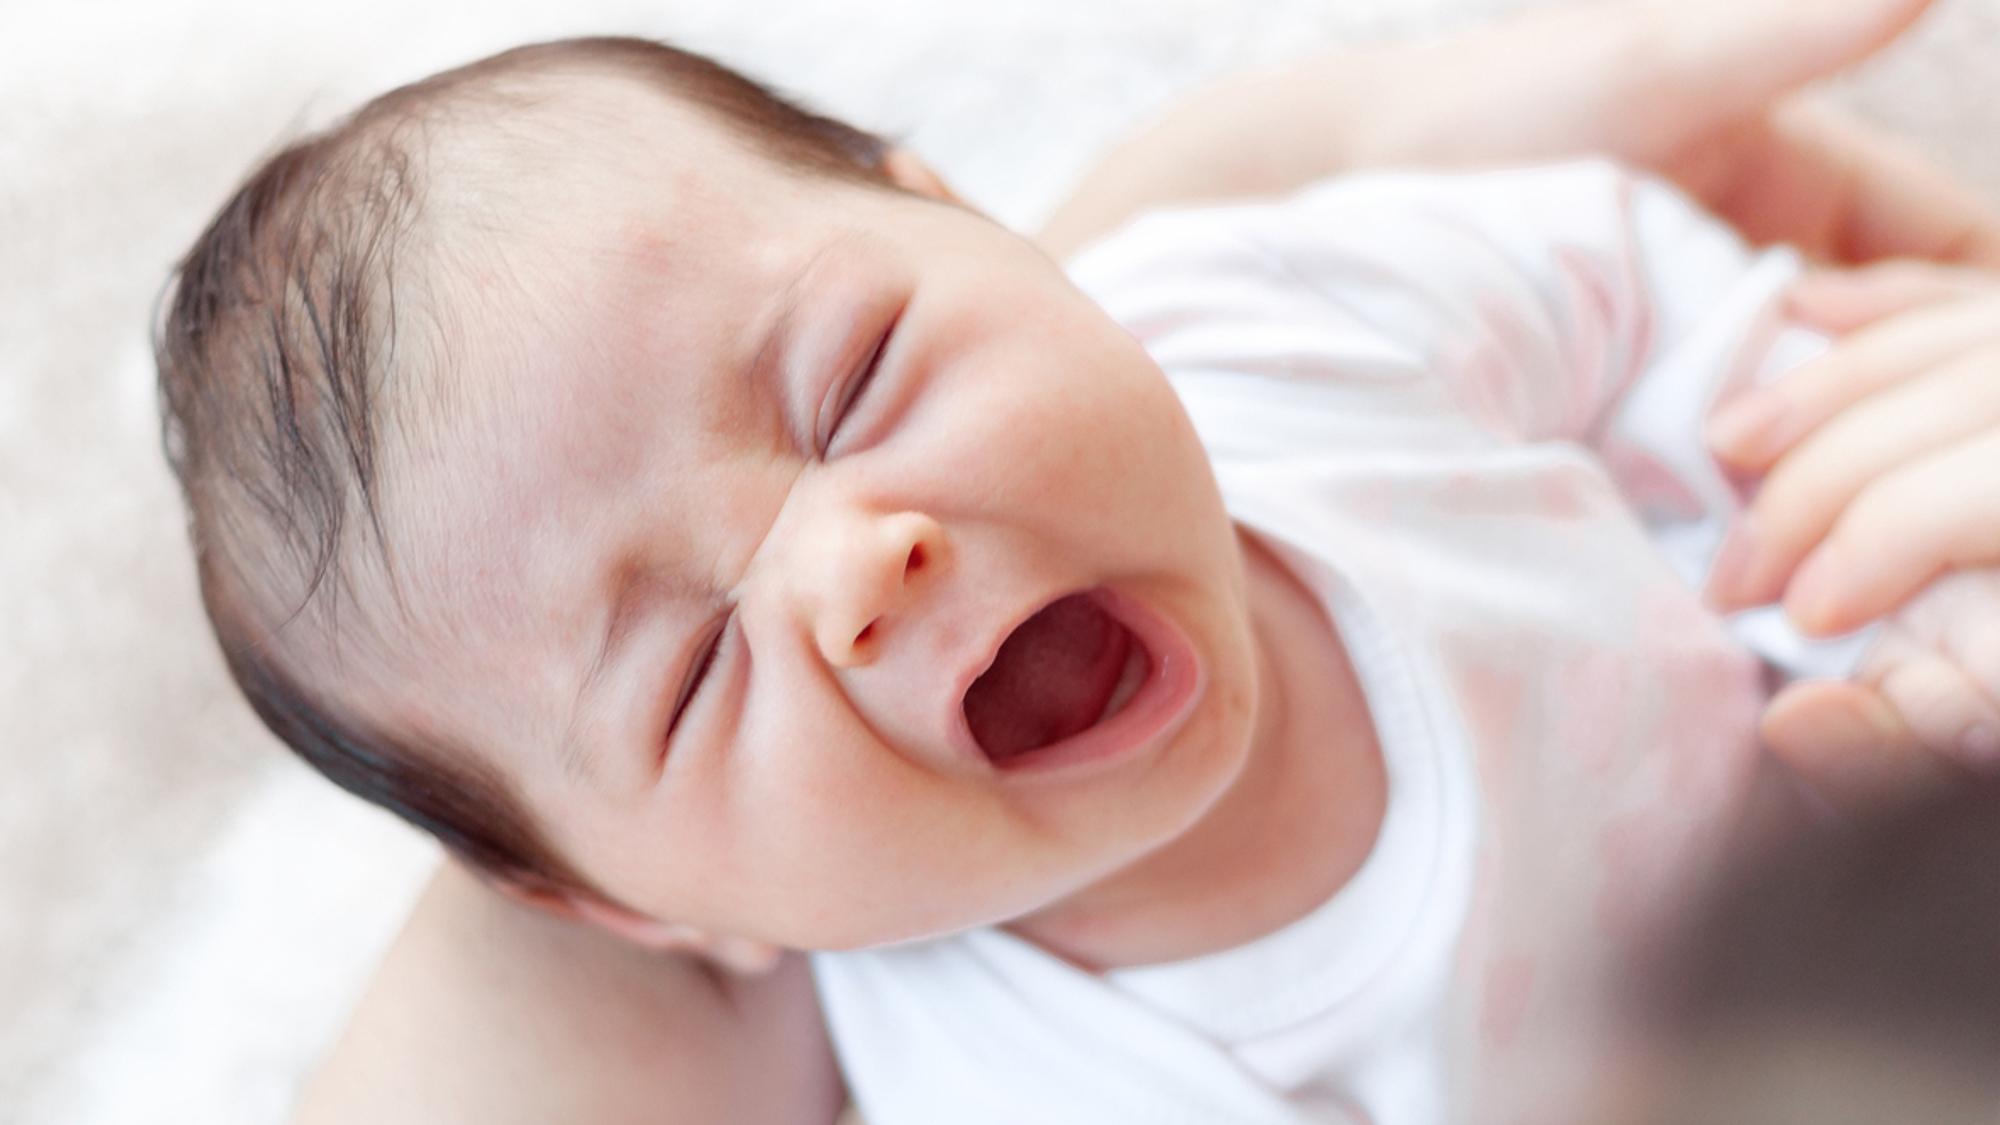 Das Erste Bewusste Lacheln In Dieser Woche Kann Es Soweit Sein